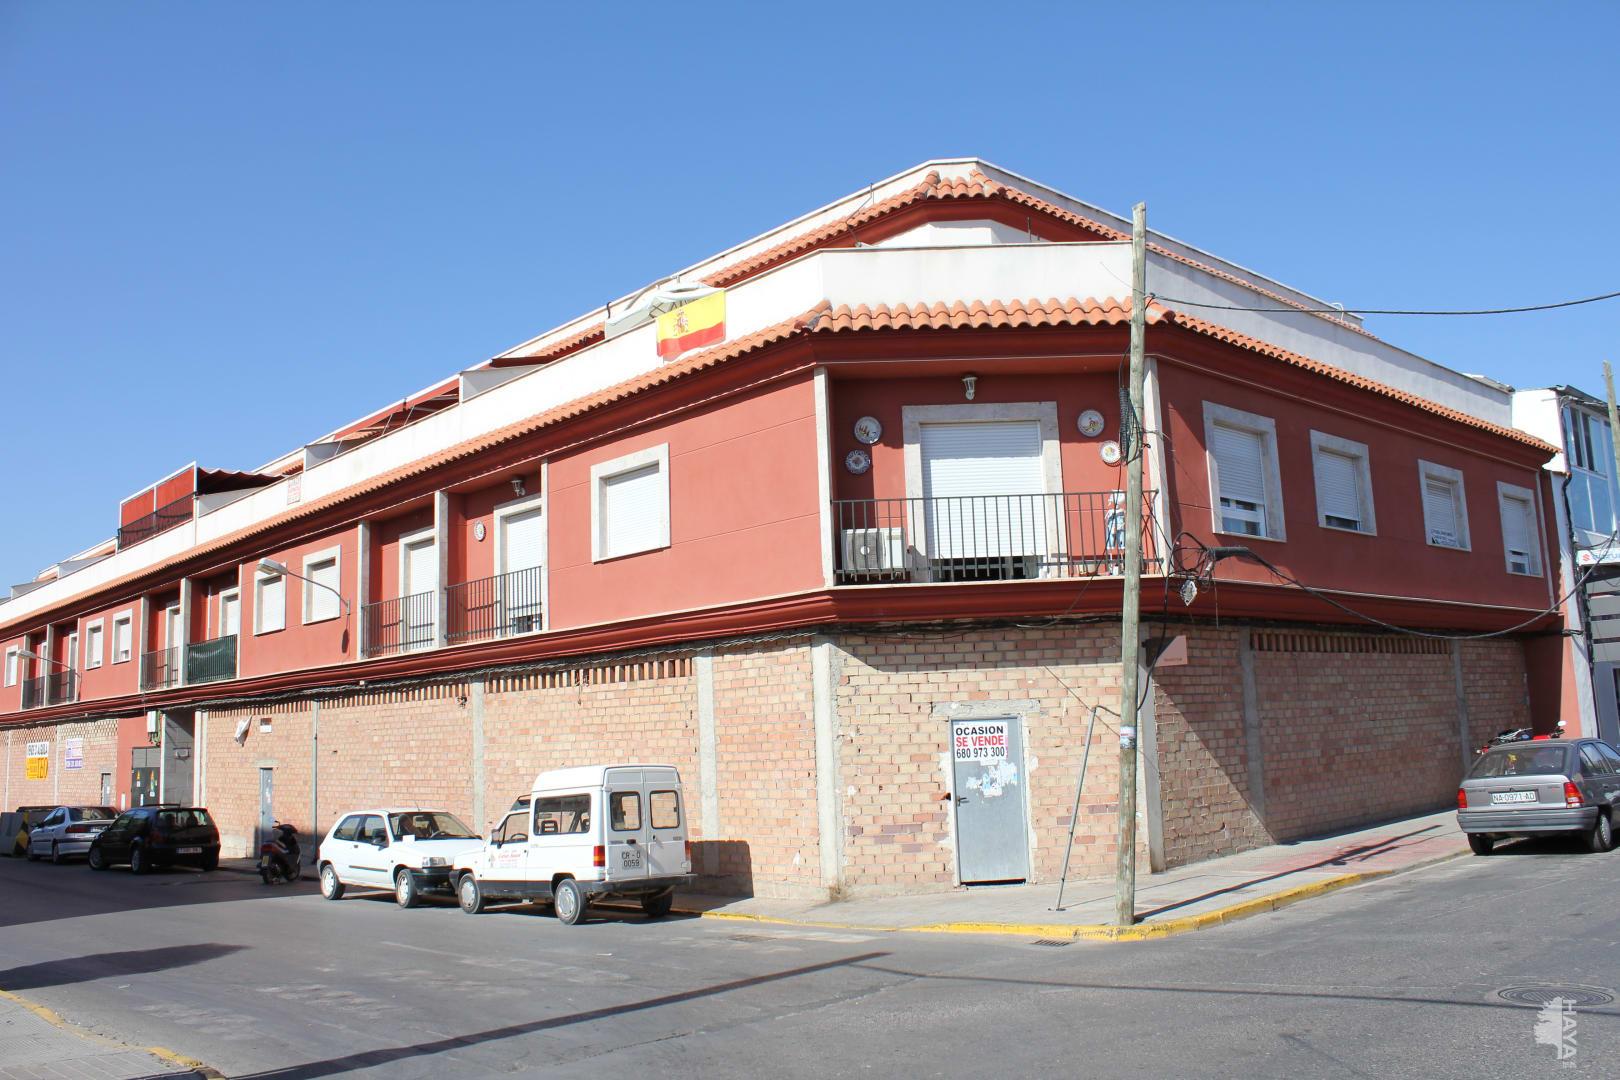 Piso en venta en Valdepeñas, Ciudad Real, Calle San Nicasio, 63.981 €, 3 habitaciones, 2 baños, 112 m2